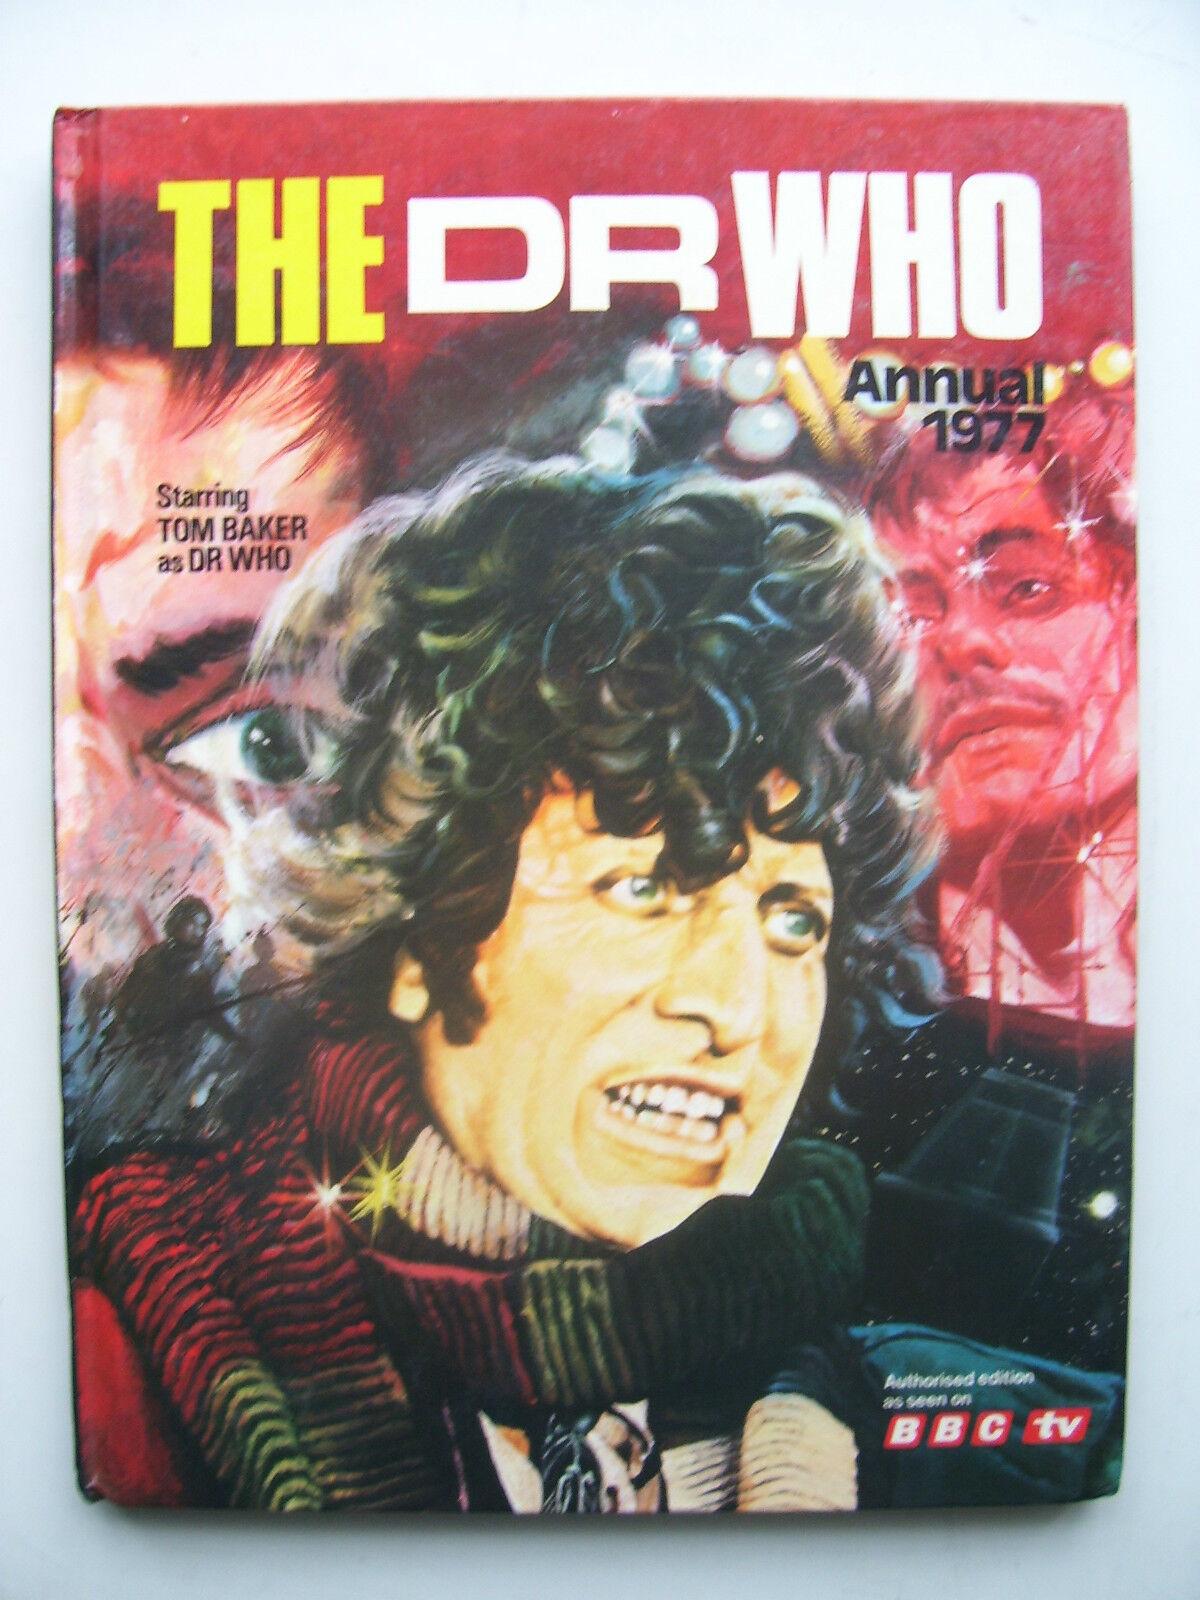 Doctor Who Annual 1977 (Hardback) - Tom Baker